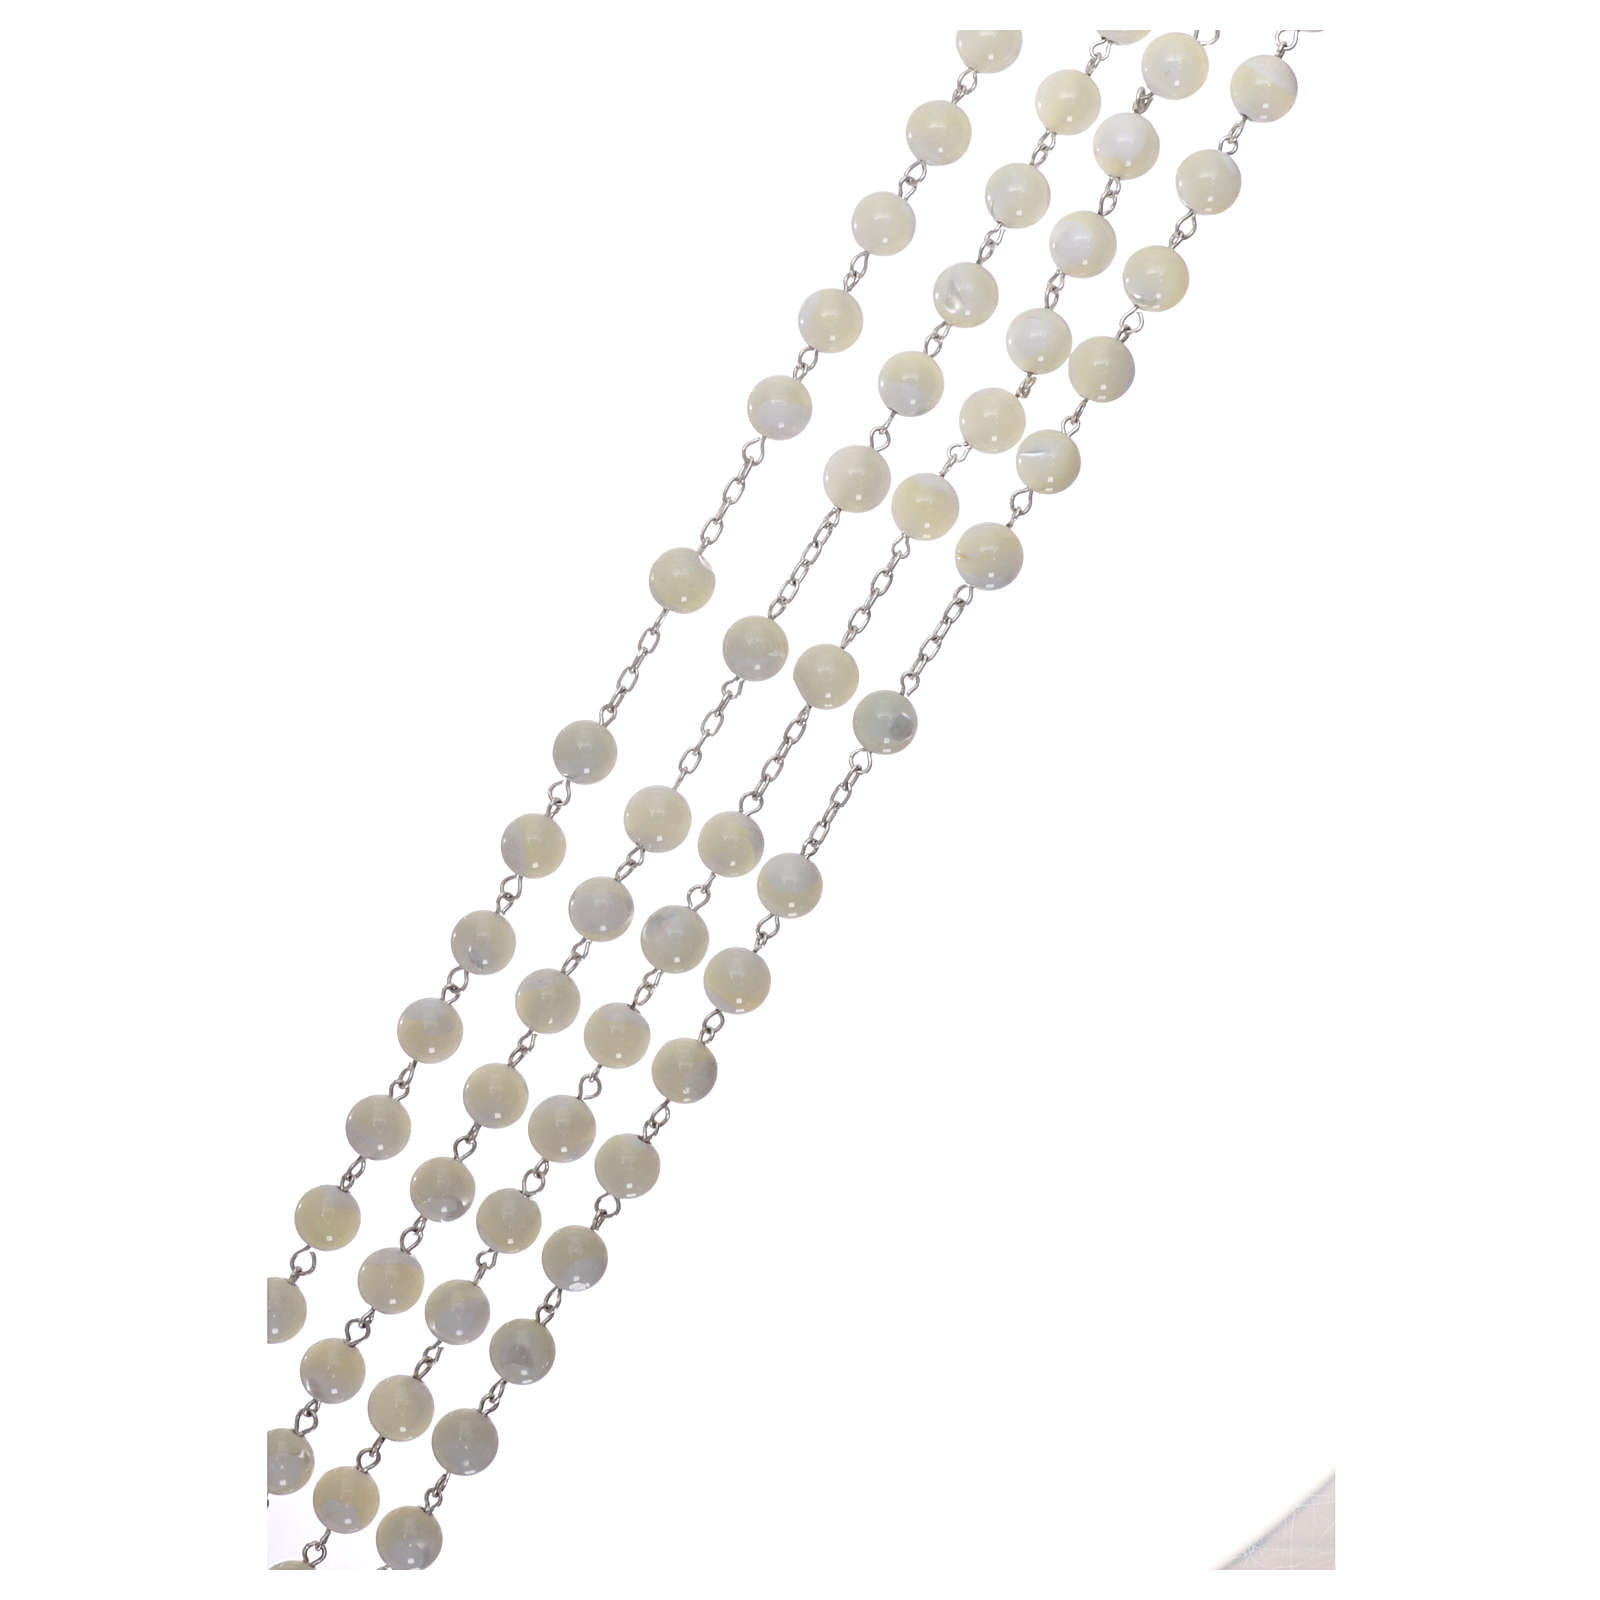 Rosario messicano del matrimonio argento 925 pallino madreperla croce tronchetto 8 mm 4